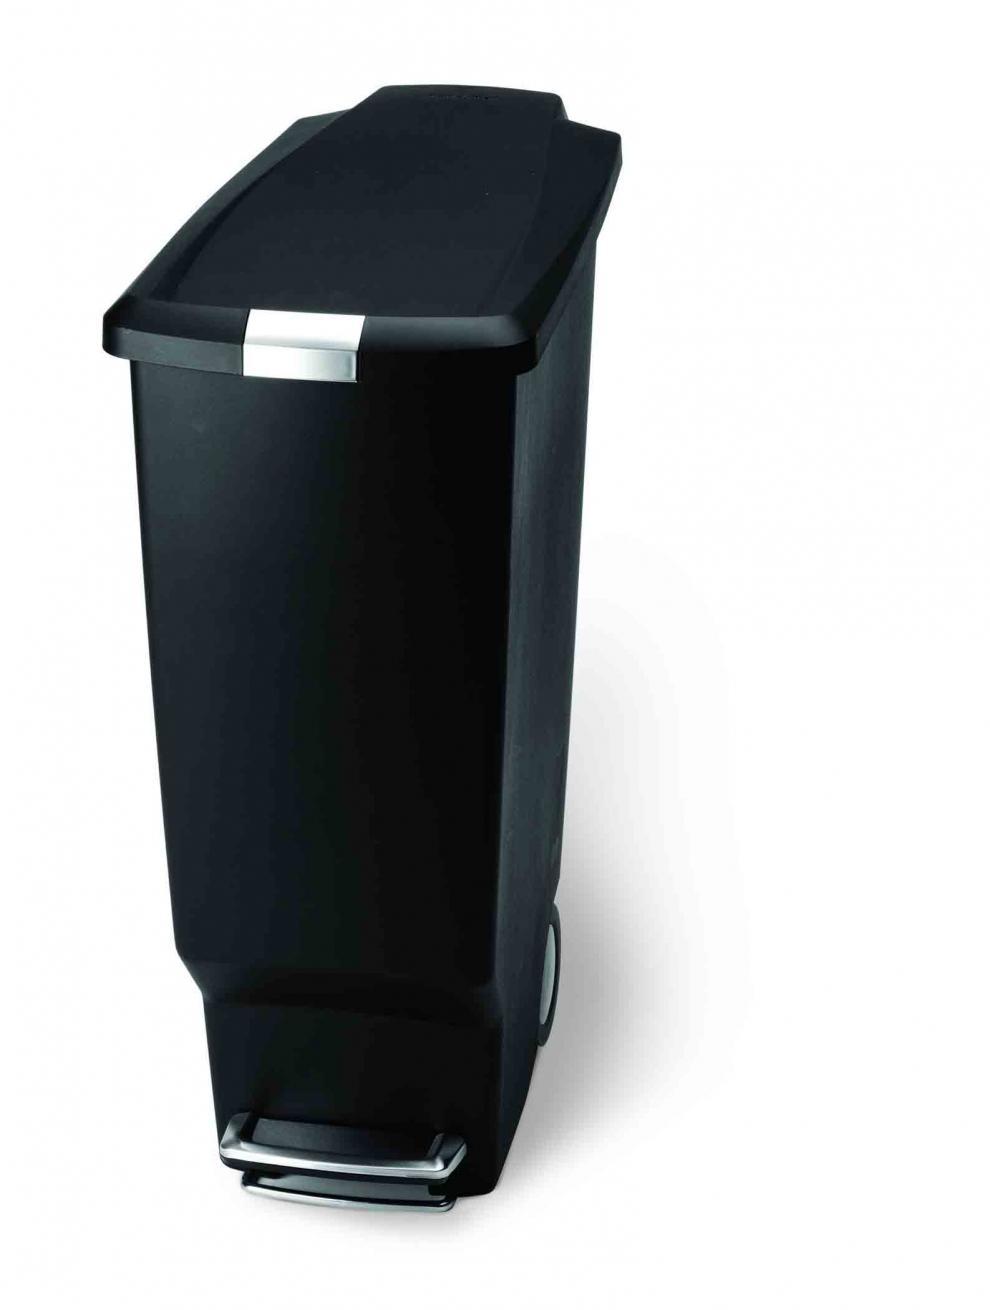 simple human poubelle slim 40 litres noire cw1361 cw1361 achetez au meilleur prix chez. Black Bedroom Furniture Sets. Home Design Ideas